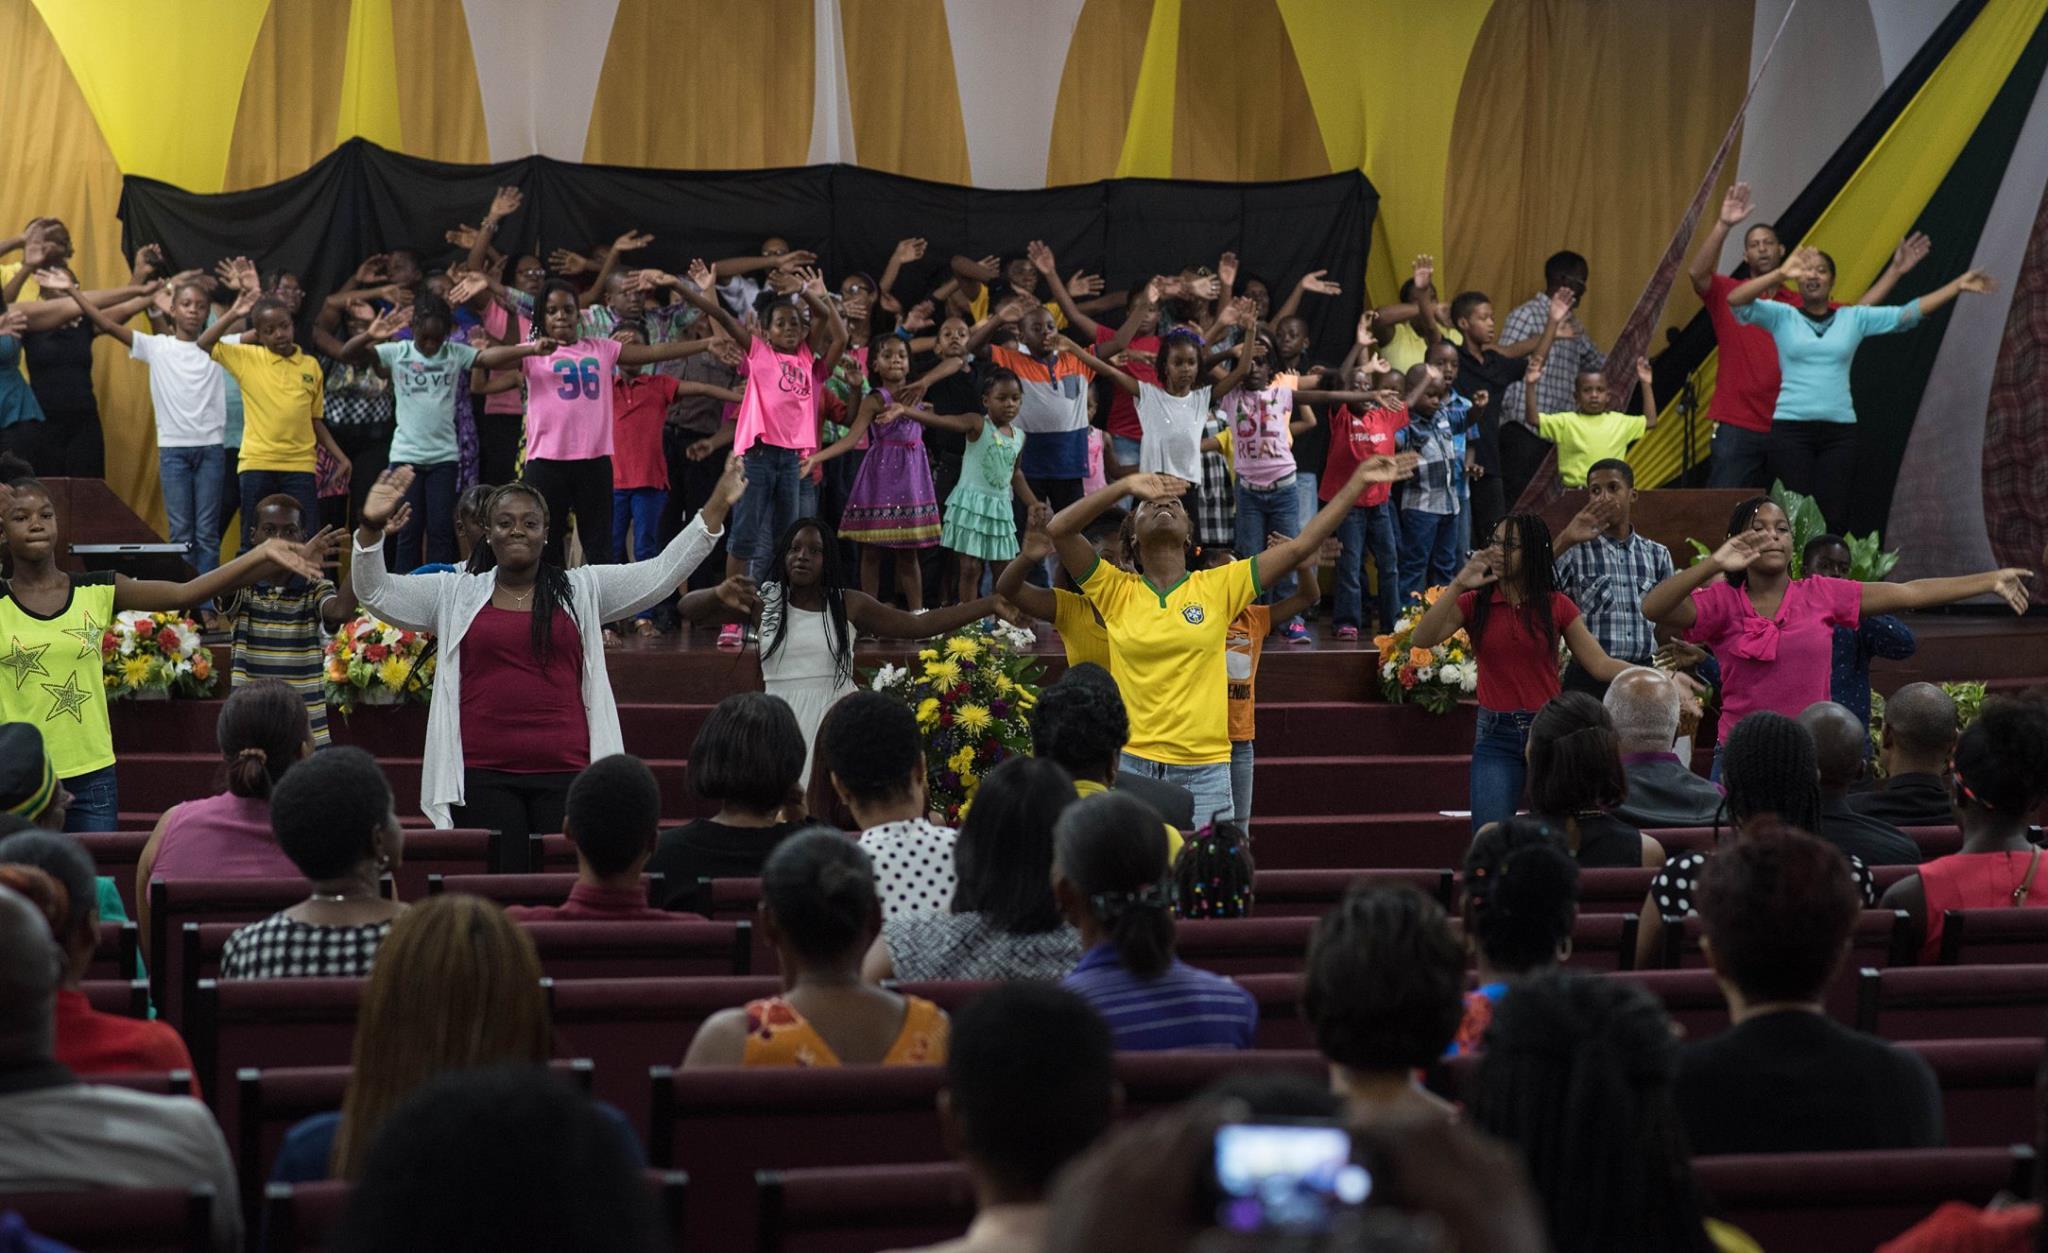 http://feltabonline.org/wp-content/uploads/2018/03/Childrens-Ministry_final.jpg